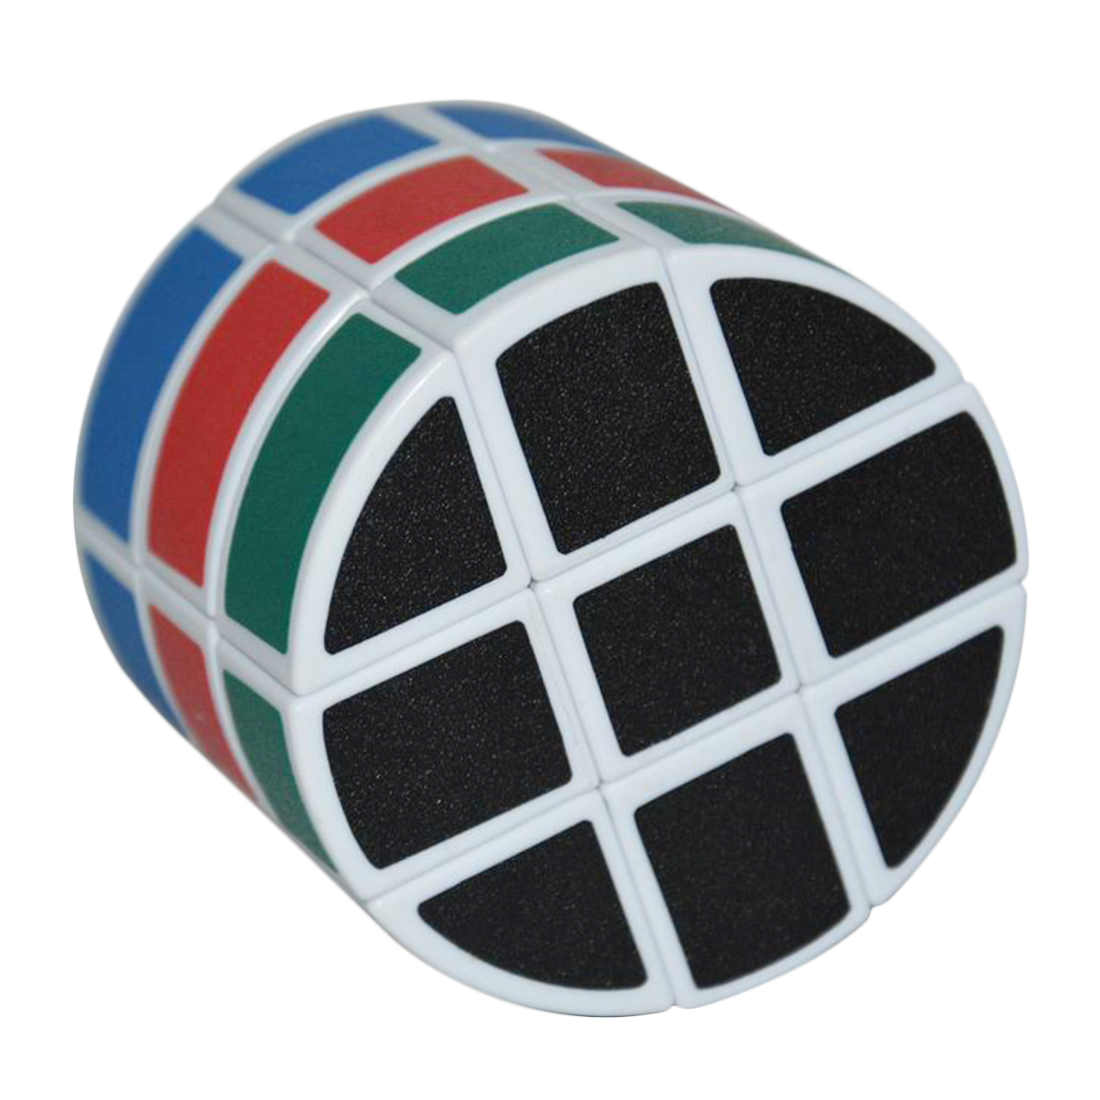 3x3x3 - Rubikova kostka - Válec - Bílý